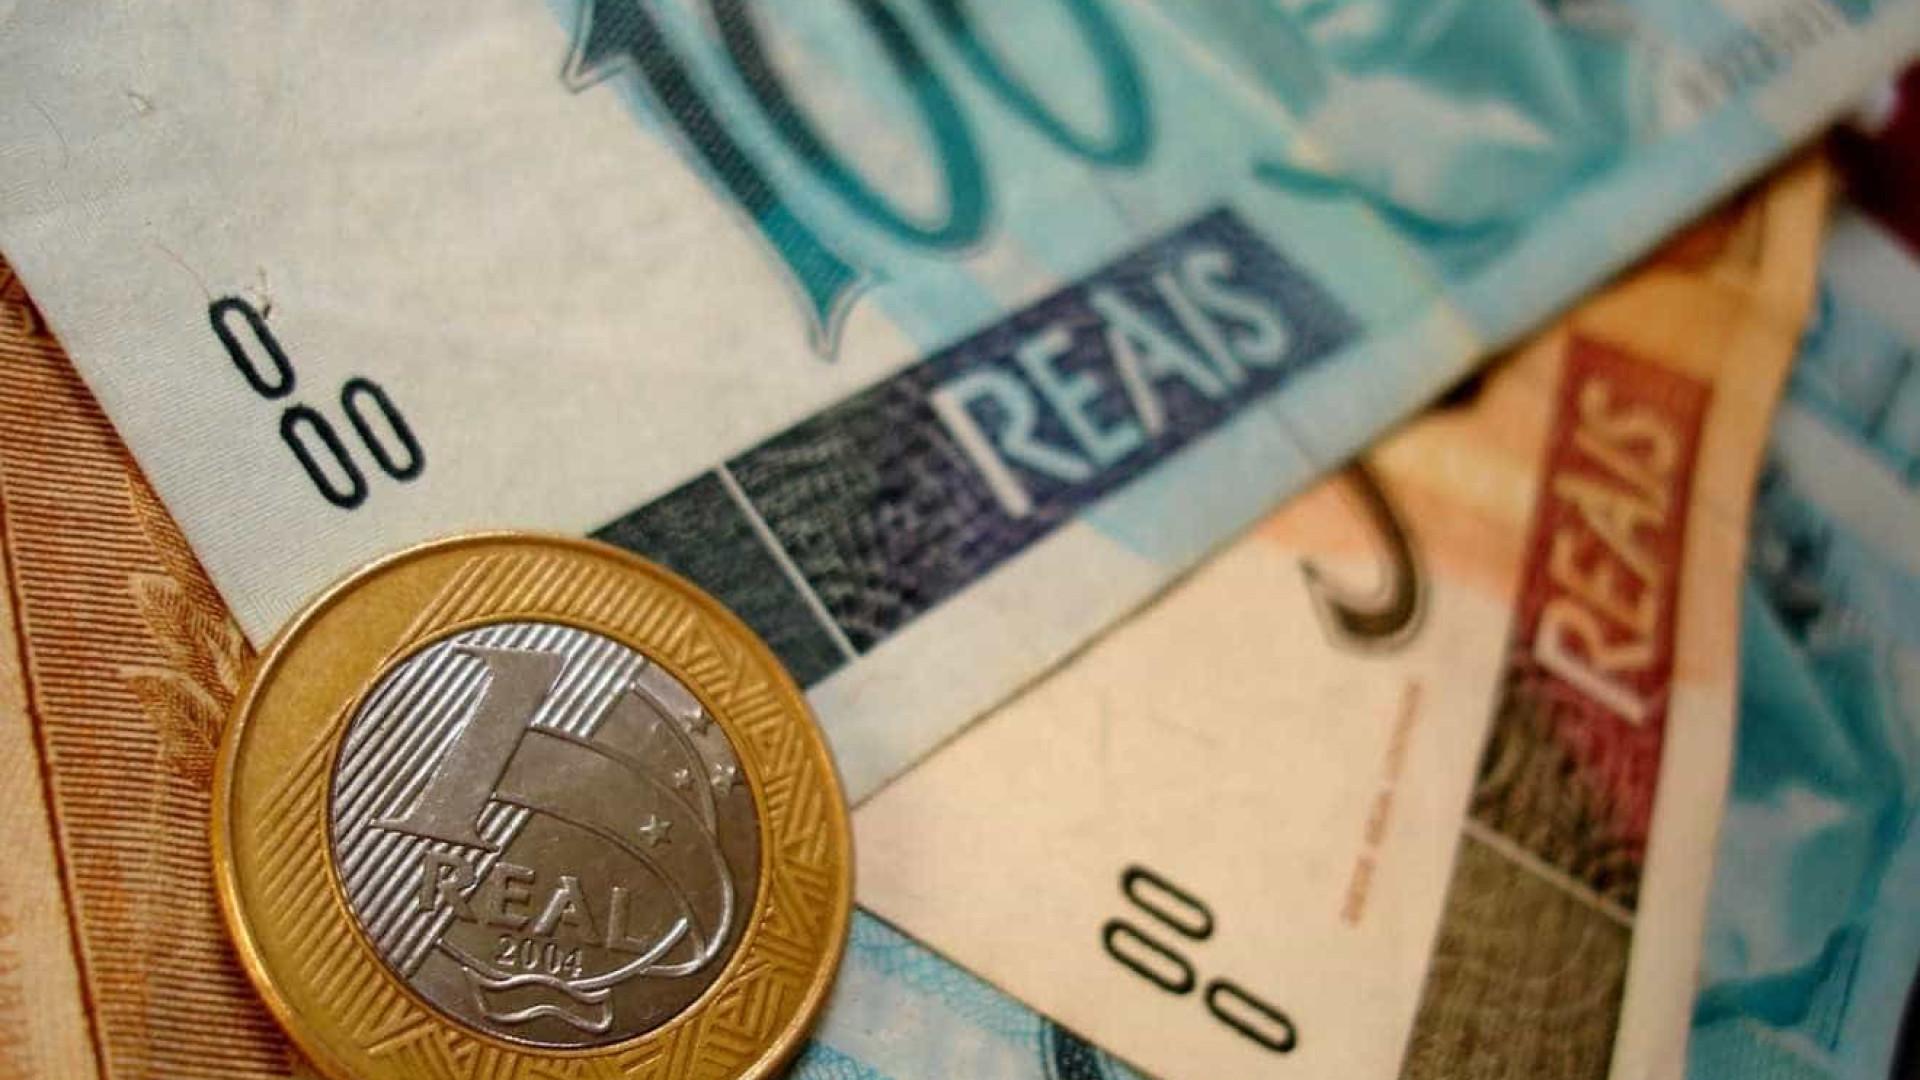 Judiciário do Rio recebe 'auxílio-peru' de R$ 2.000